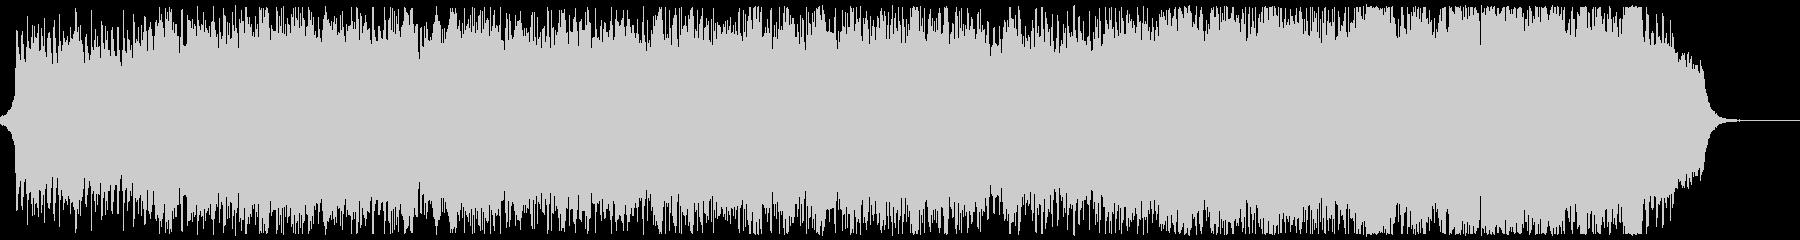 のどかで雄大なチェロのオリジナル曲の未再生の波形